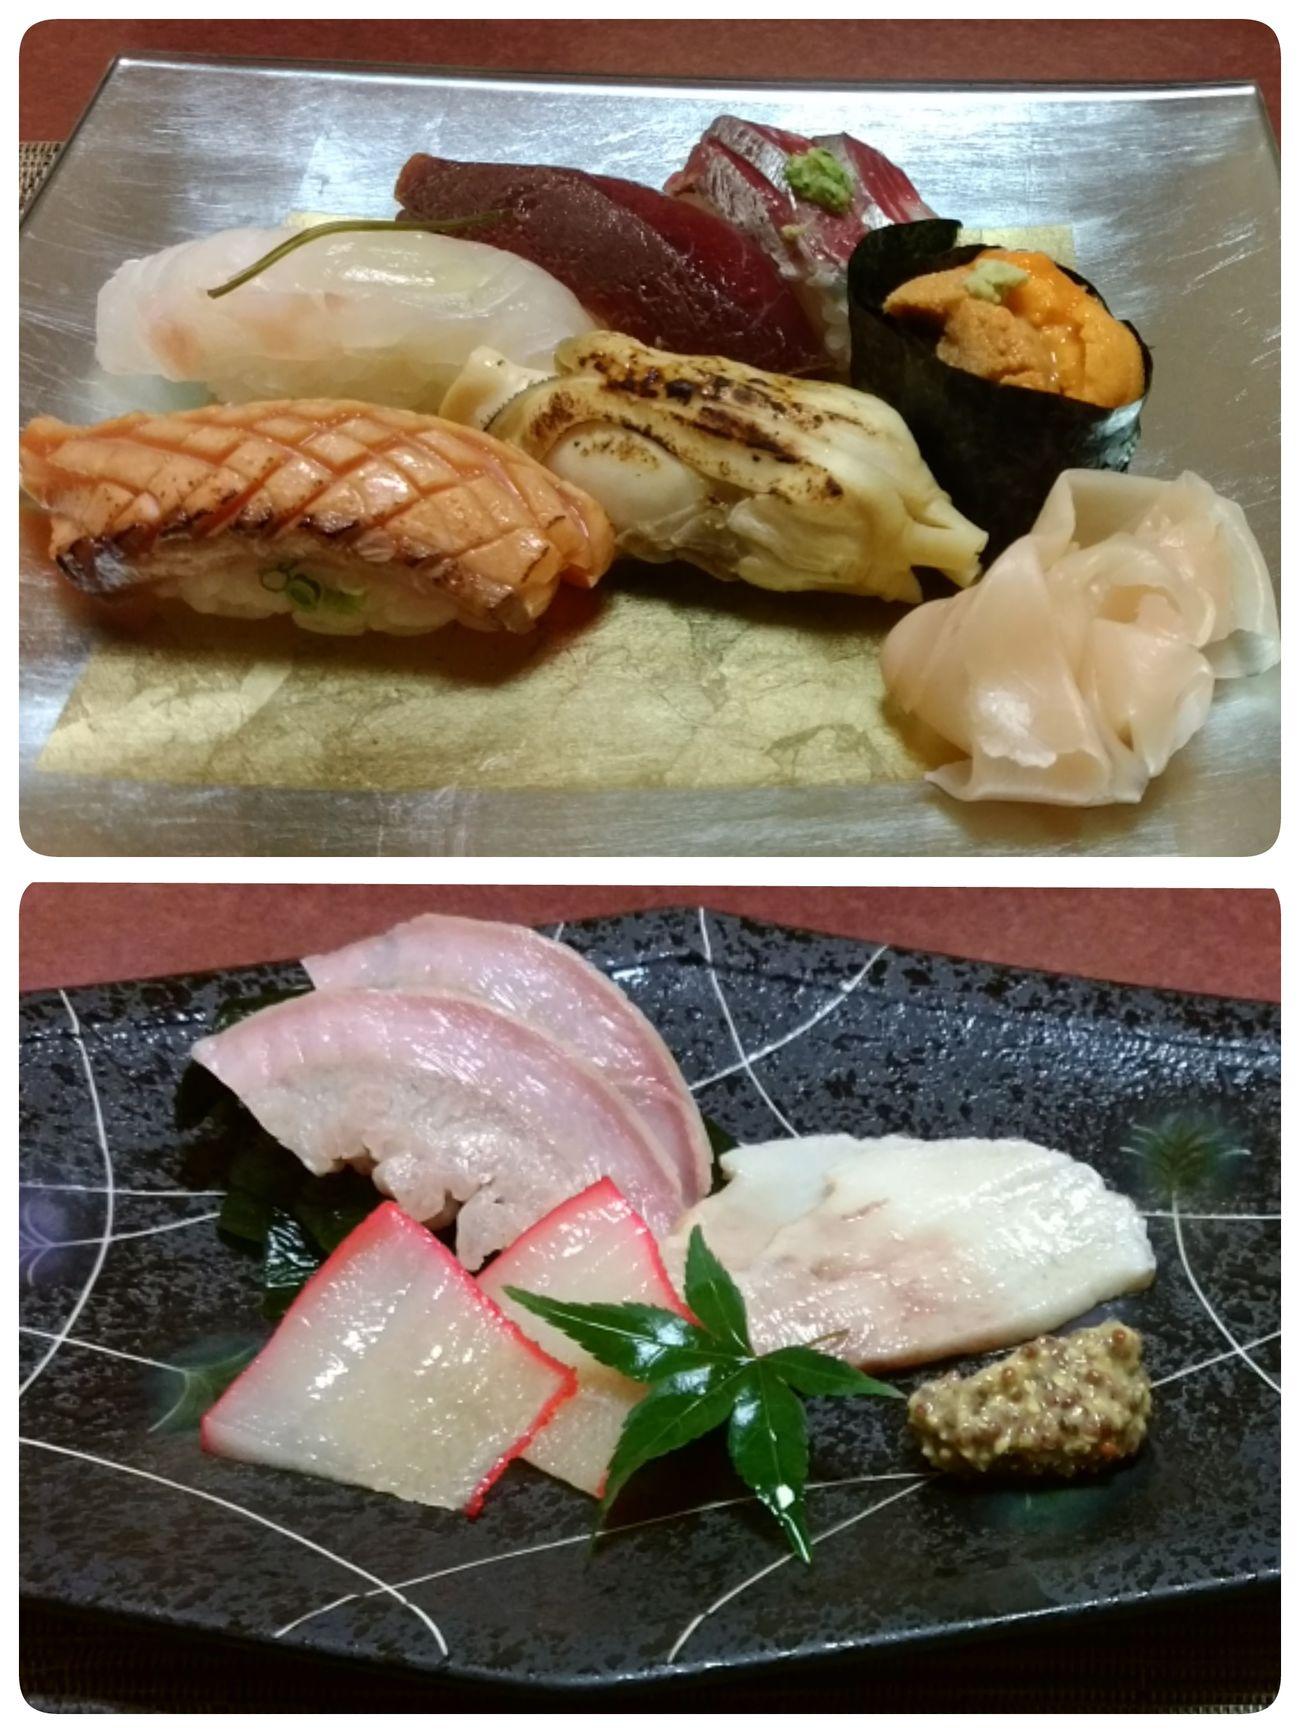 おすし やさん ニガテなくじら 食べれた(๑´ㅂ`๑)✨お高いコース✴ゴチそぅさまでした♡ Nagasaki Japan ちとせ鮨 おおむら